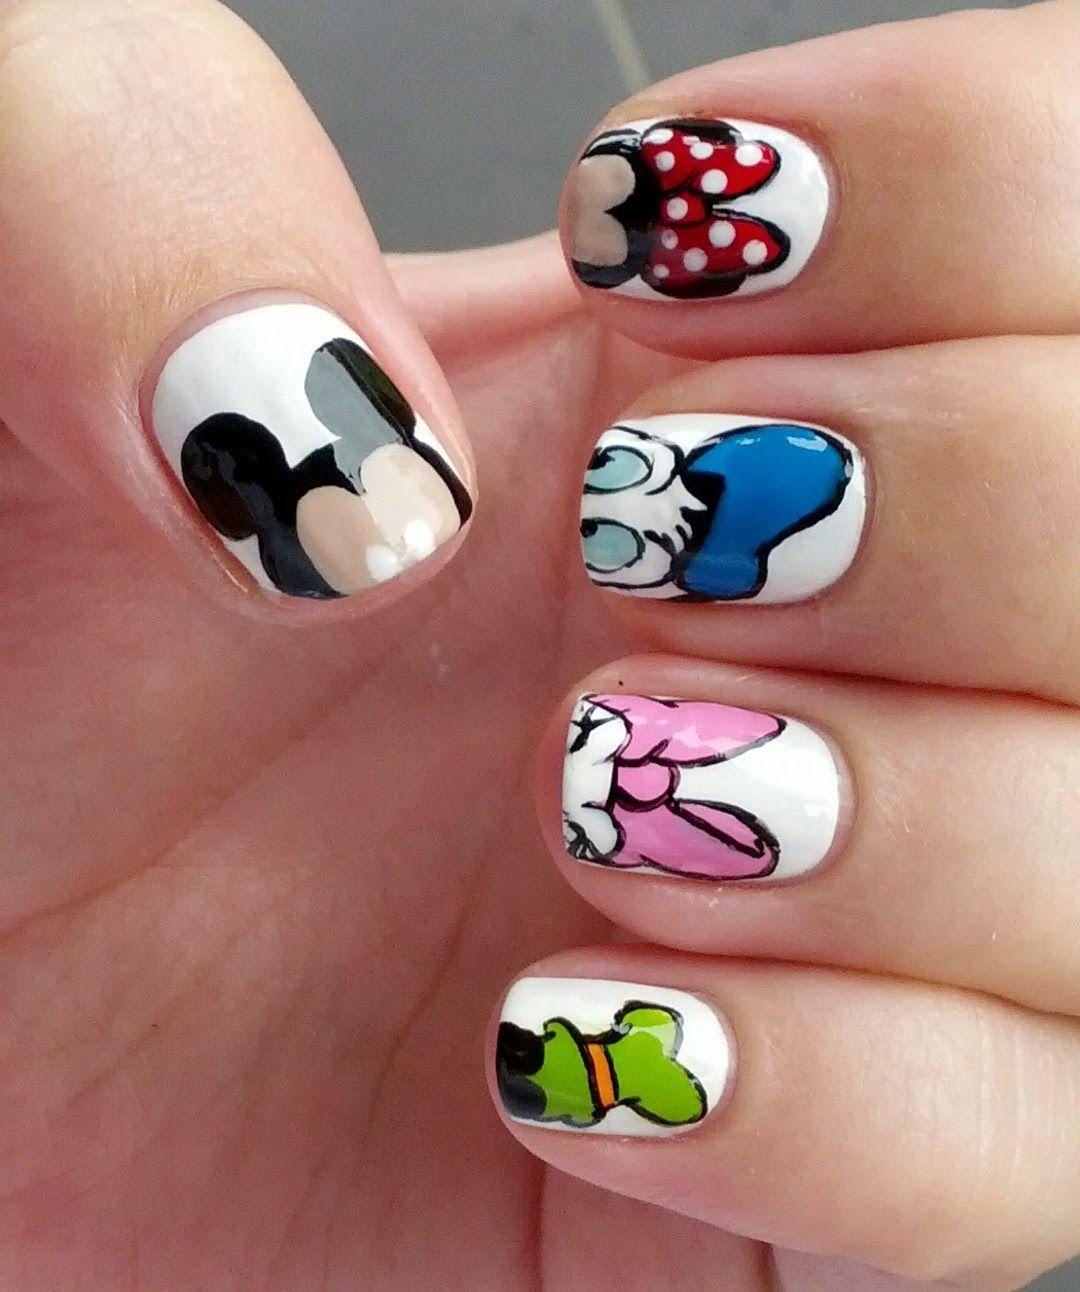 Resultado de imagen para imagenes de uñas | Uñas | Pinterest ...